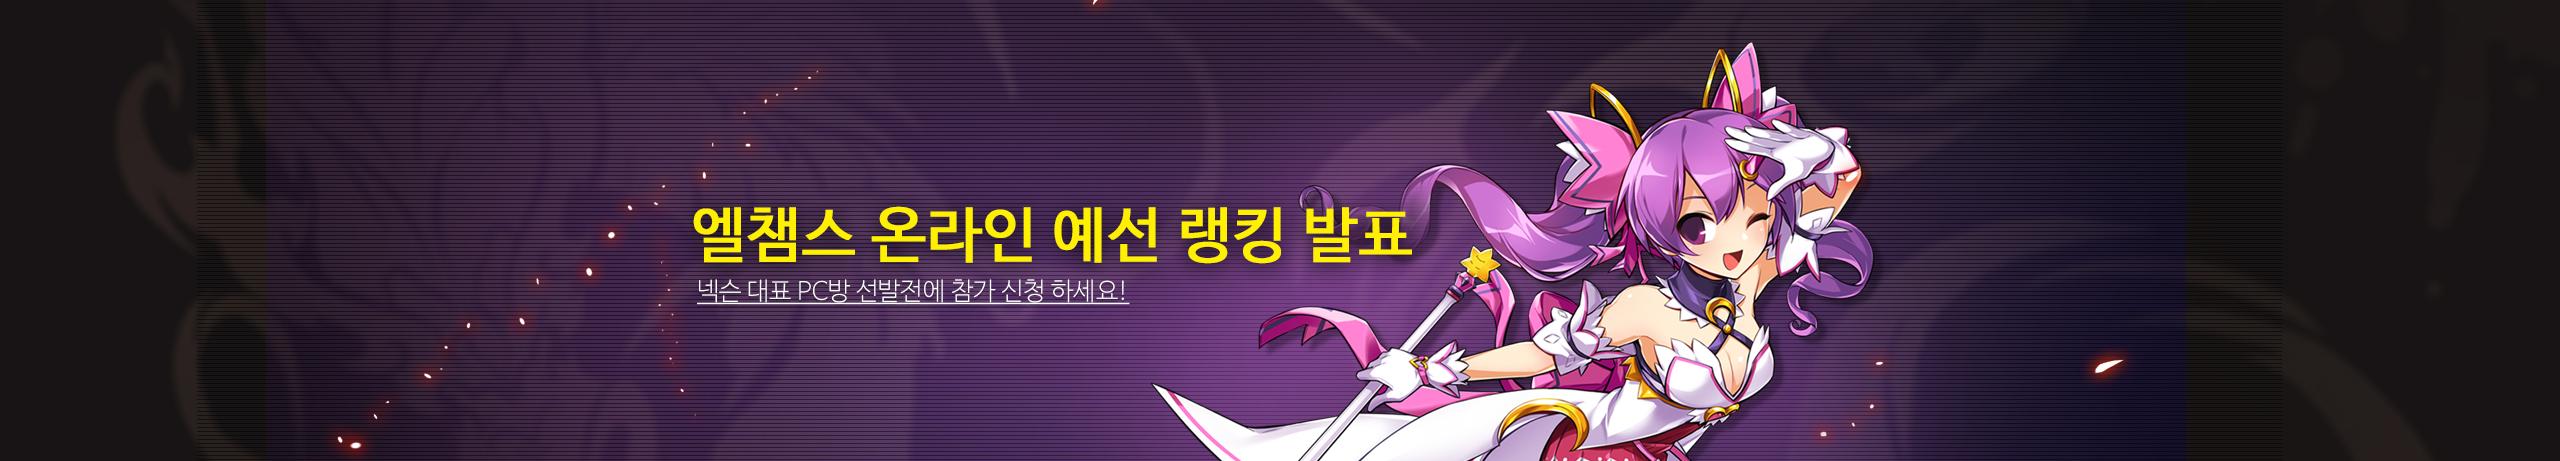 2019 엘챔스 참가 신청